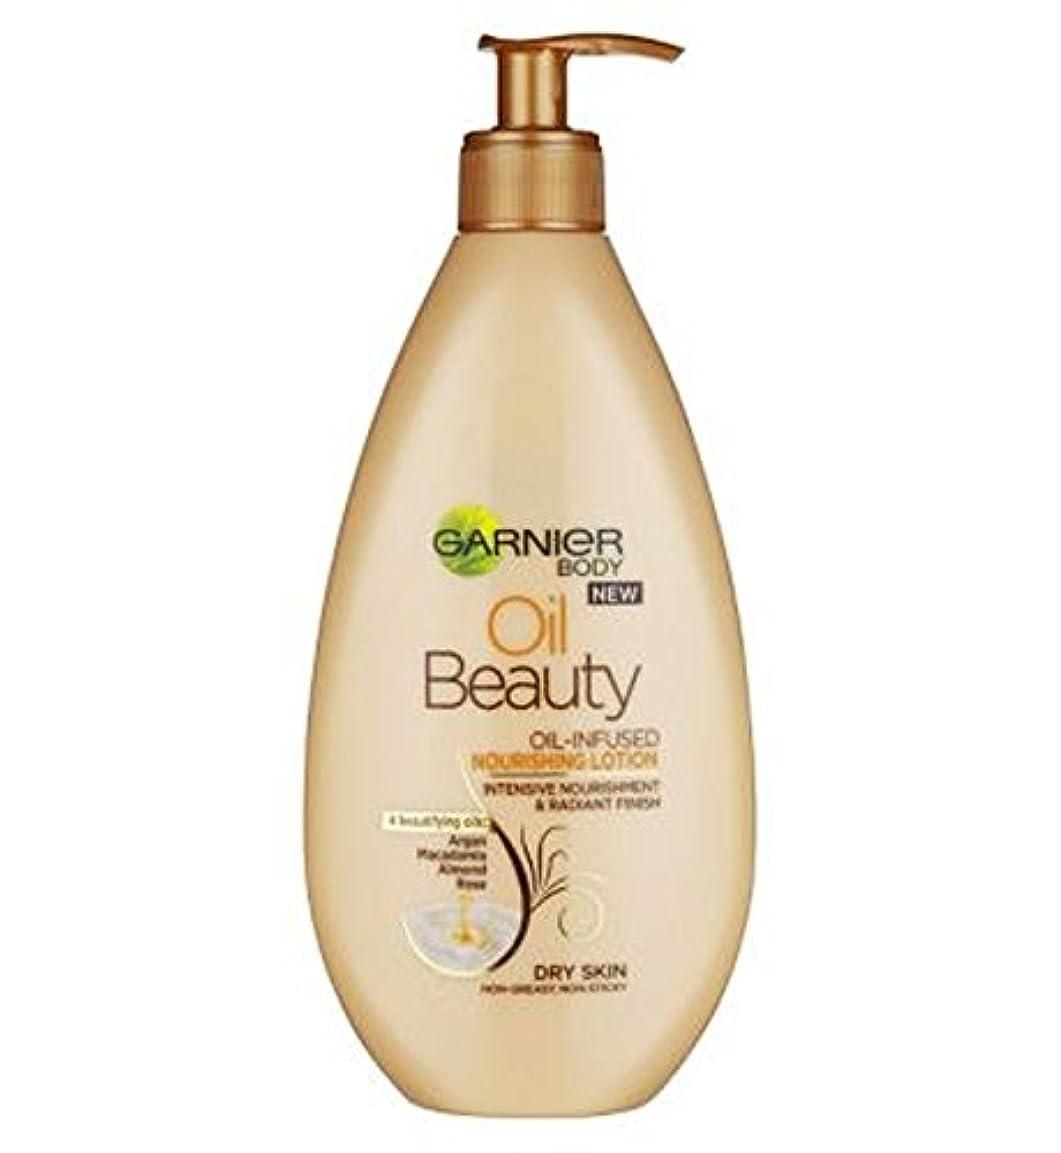 協会受け入れる仲間、同僚ガルニエ究極の美容オイル400ミリリットル (Garnier) (x2) - Garnier Ultimate Beauty Oil 400ml (Pack of 2) [並行輸入品]